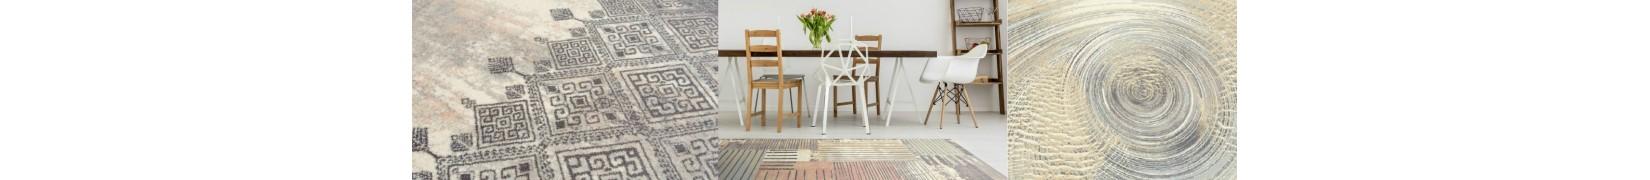 Dywany wełniane do salonu ISFAHAN z Agnelli. Klasyka i nowoczesność